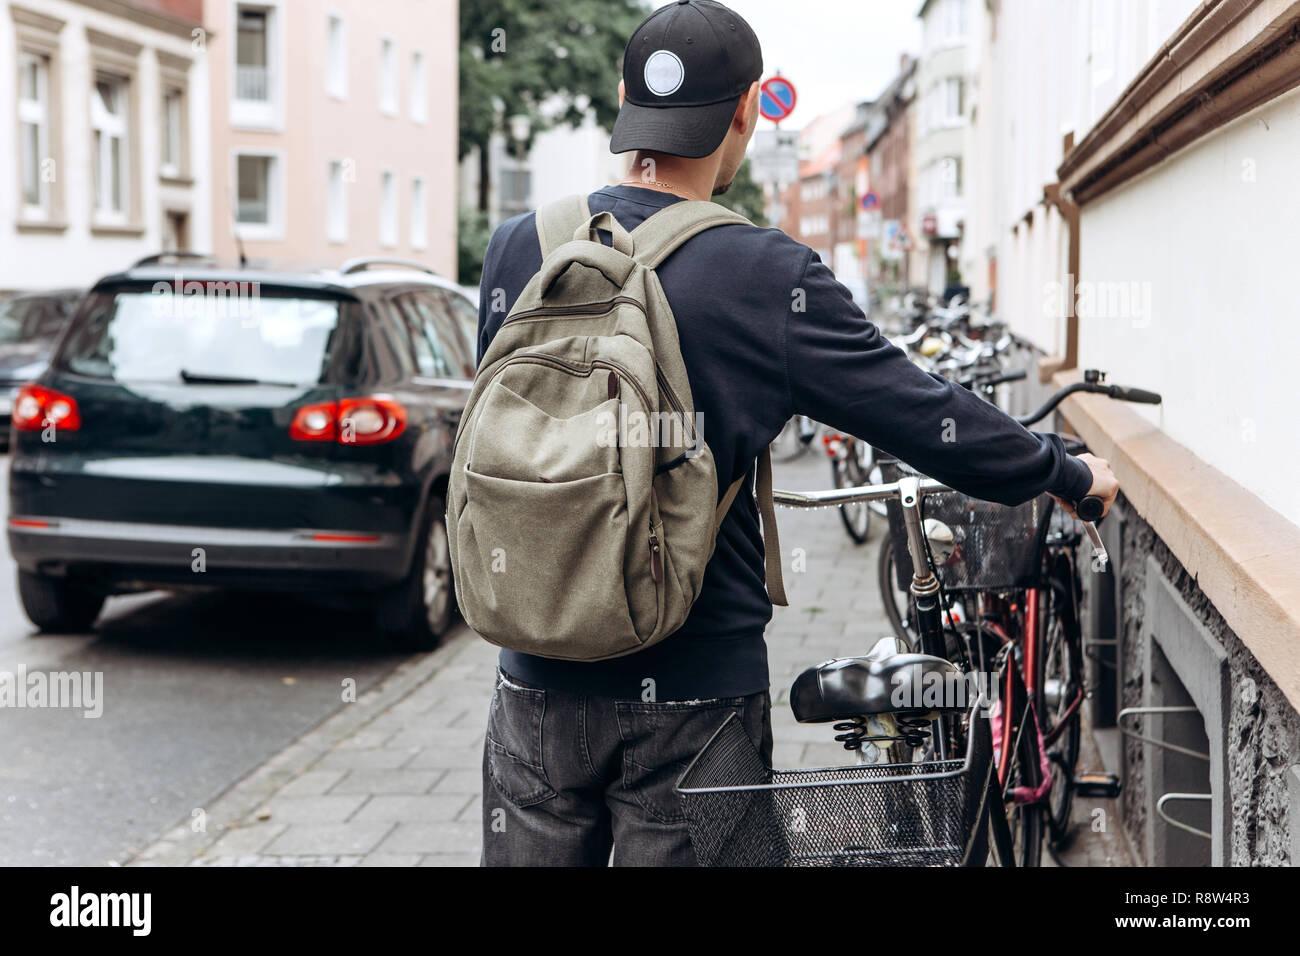 Turista o estudiante con una mochila va a montar una bicicleta. Foto de stock